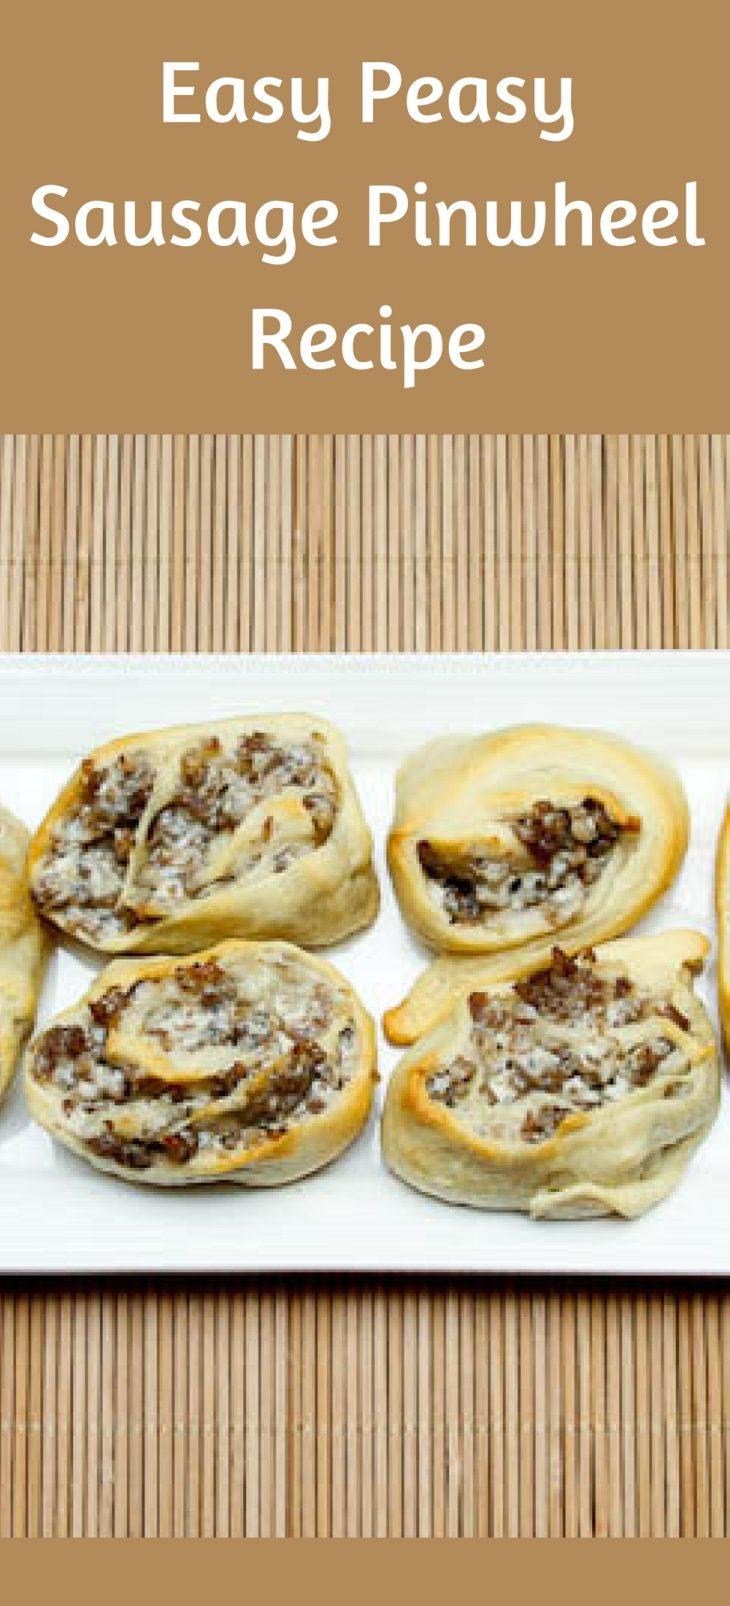 Easy Peasy Sausage PinwheelRecipe